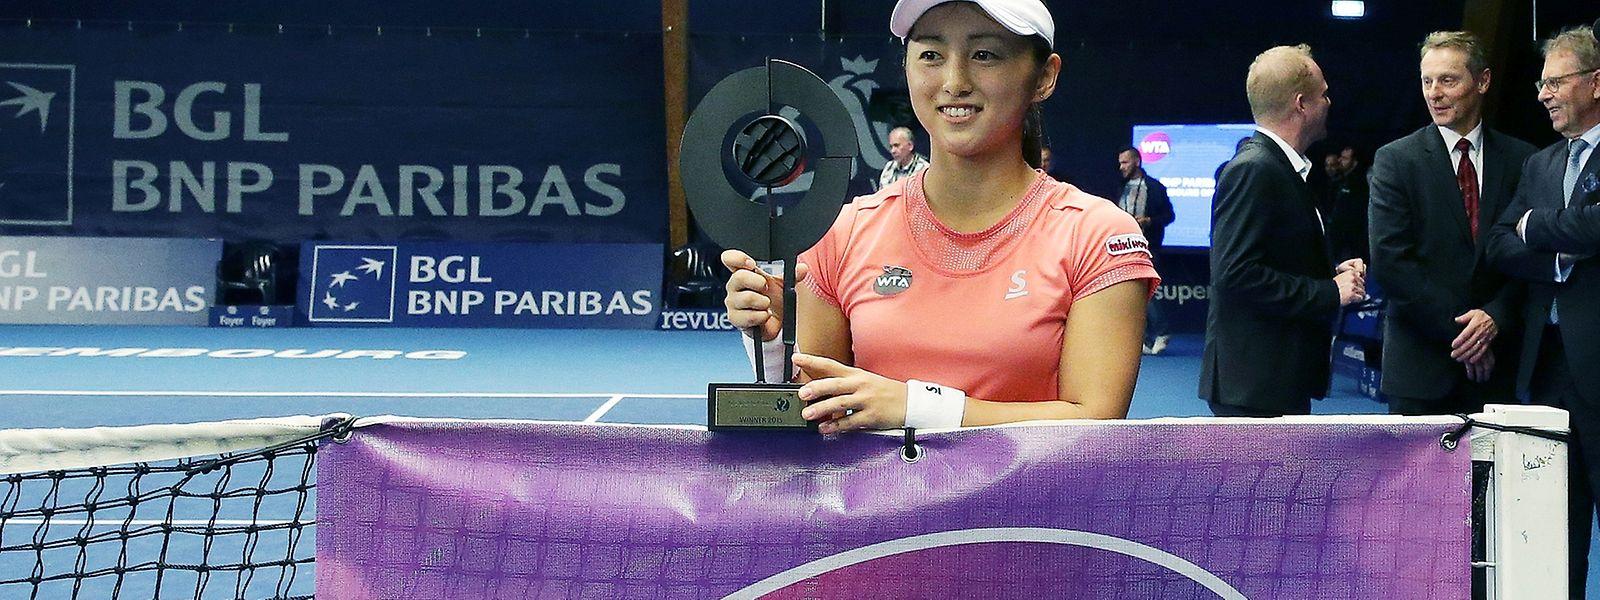 Misaki Doi sicherte sich im vergangenen Jahr den Sieg in Kockelscheuer.